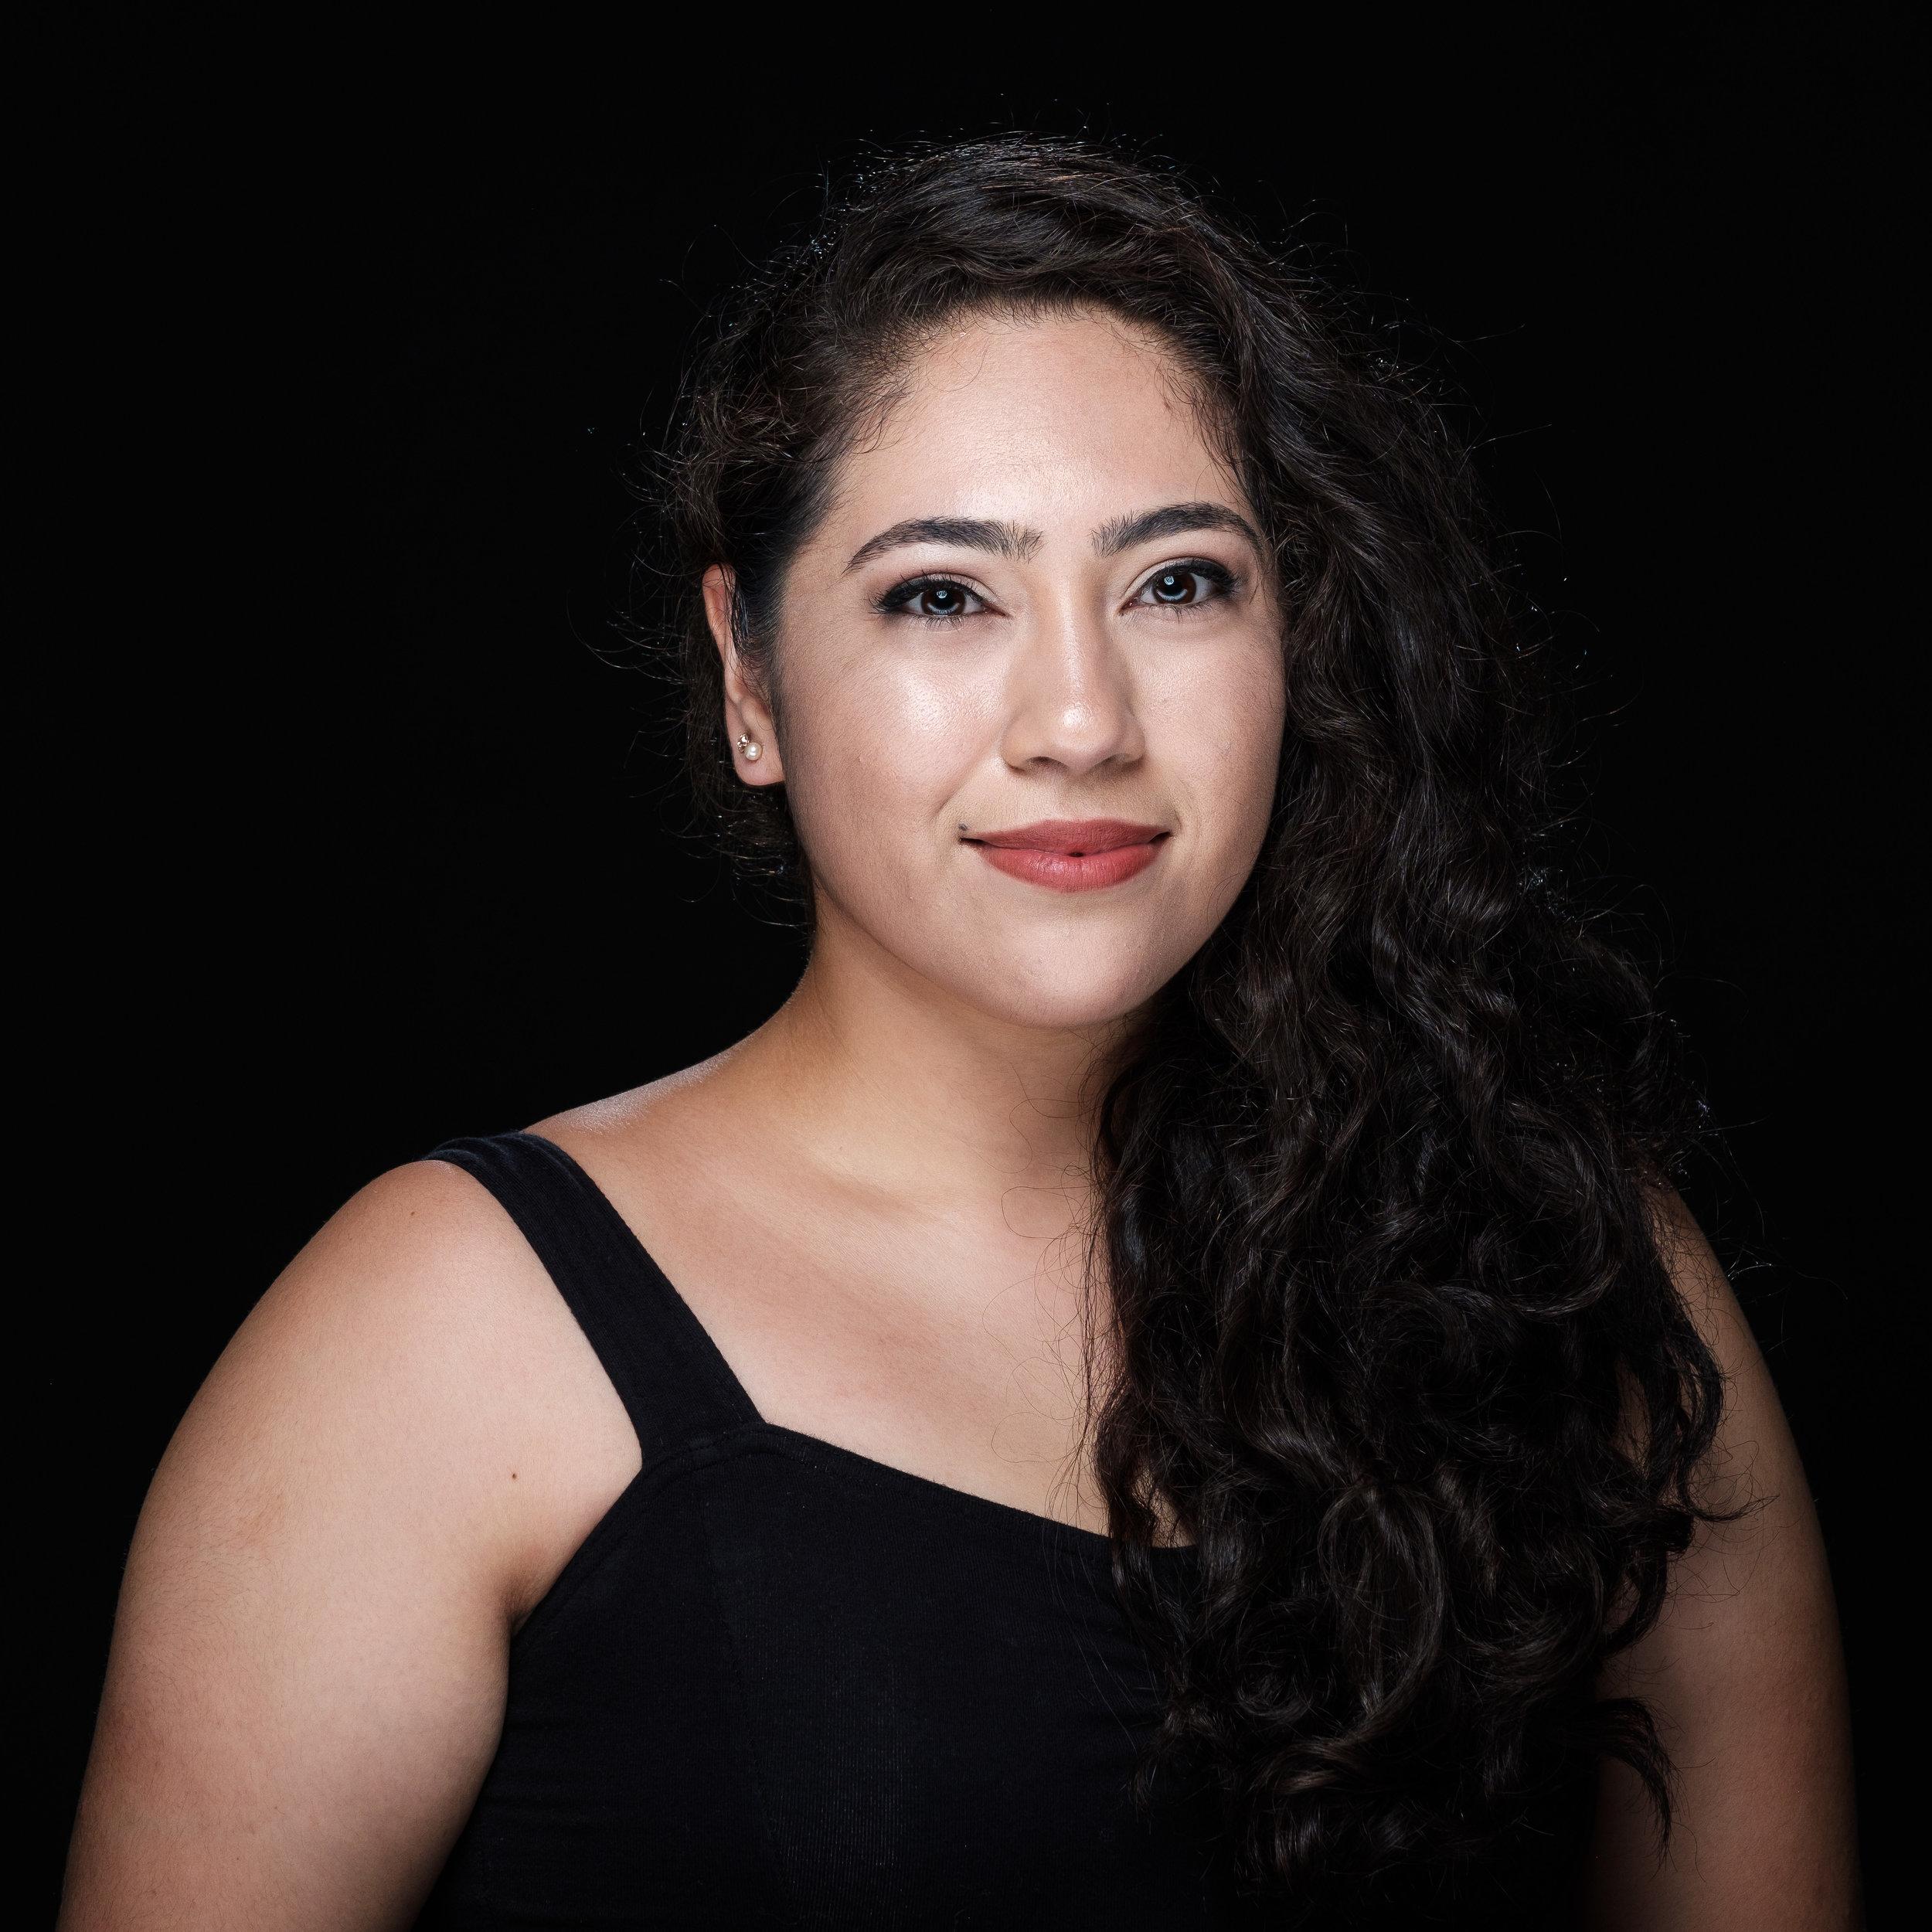 Sarah Pacheco